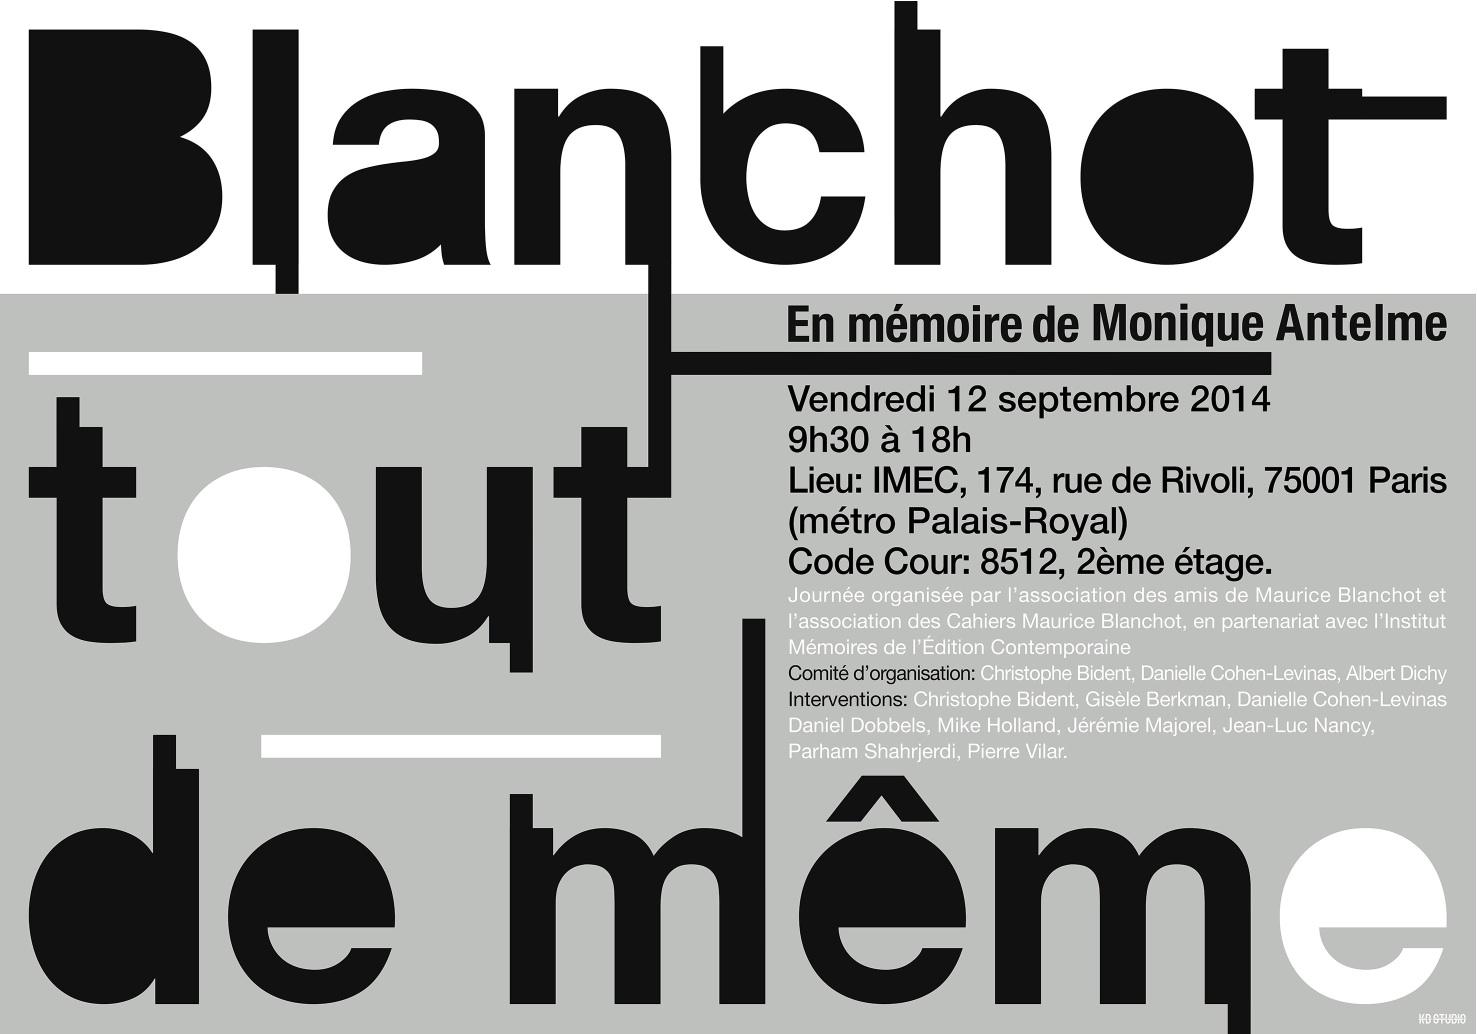 Blanchot tout de meme - 12 septembre 2014 (2)